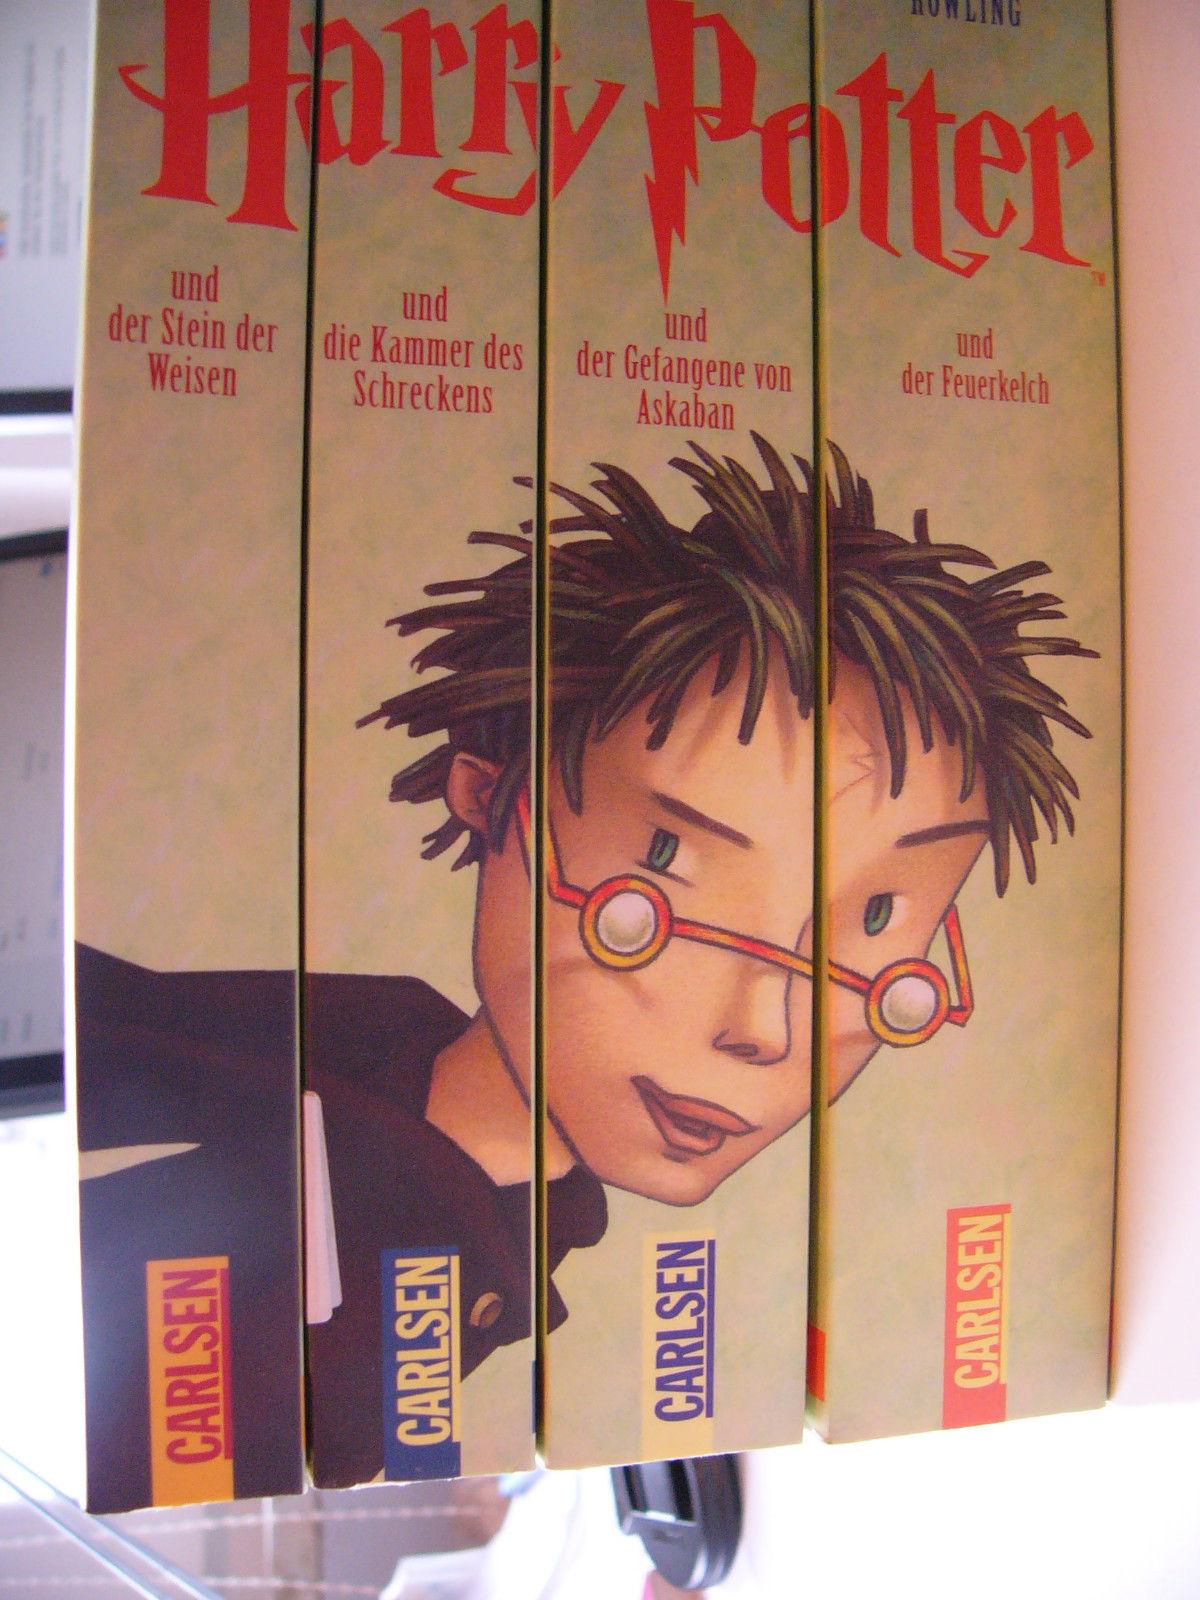 Harry Potter 1 - 4 neuwertig UNGELESEN Joanne K. Rowling 4 Bücher = 1 Preis